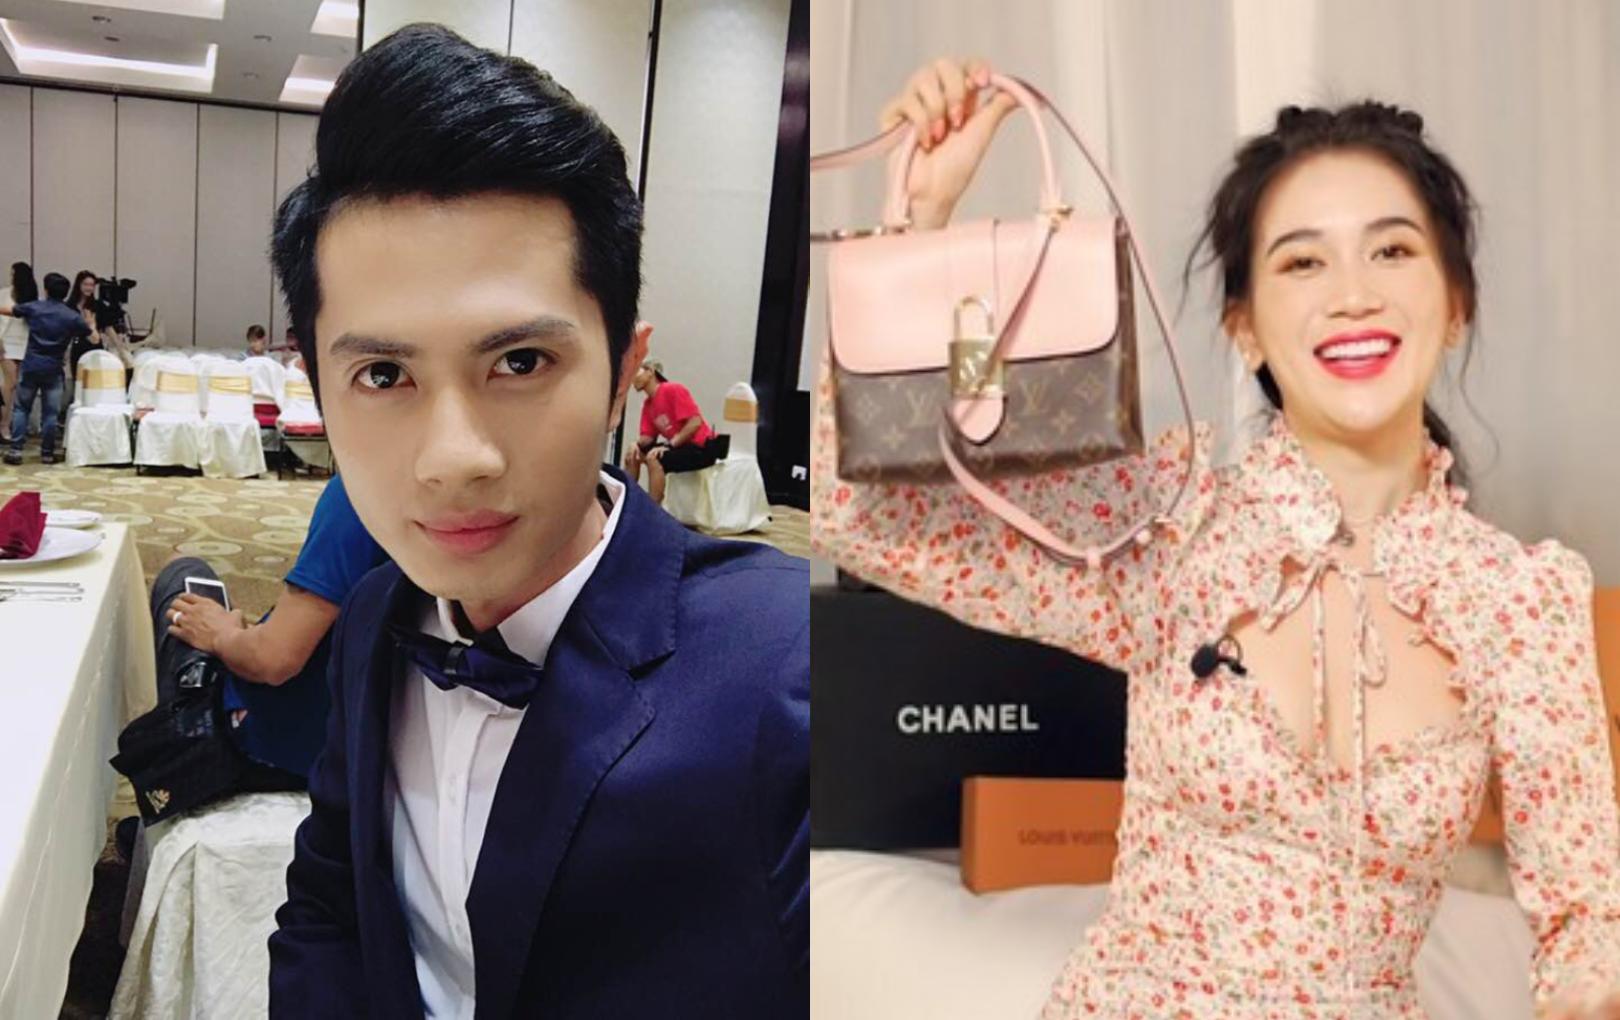 """Sĩ Thanh làm clip """"giải oan"""" nhưng Huỳnh Phương lại lỡ miệng tiết lộ bạn gái mua túi nhái """"đập hộp"""""""